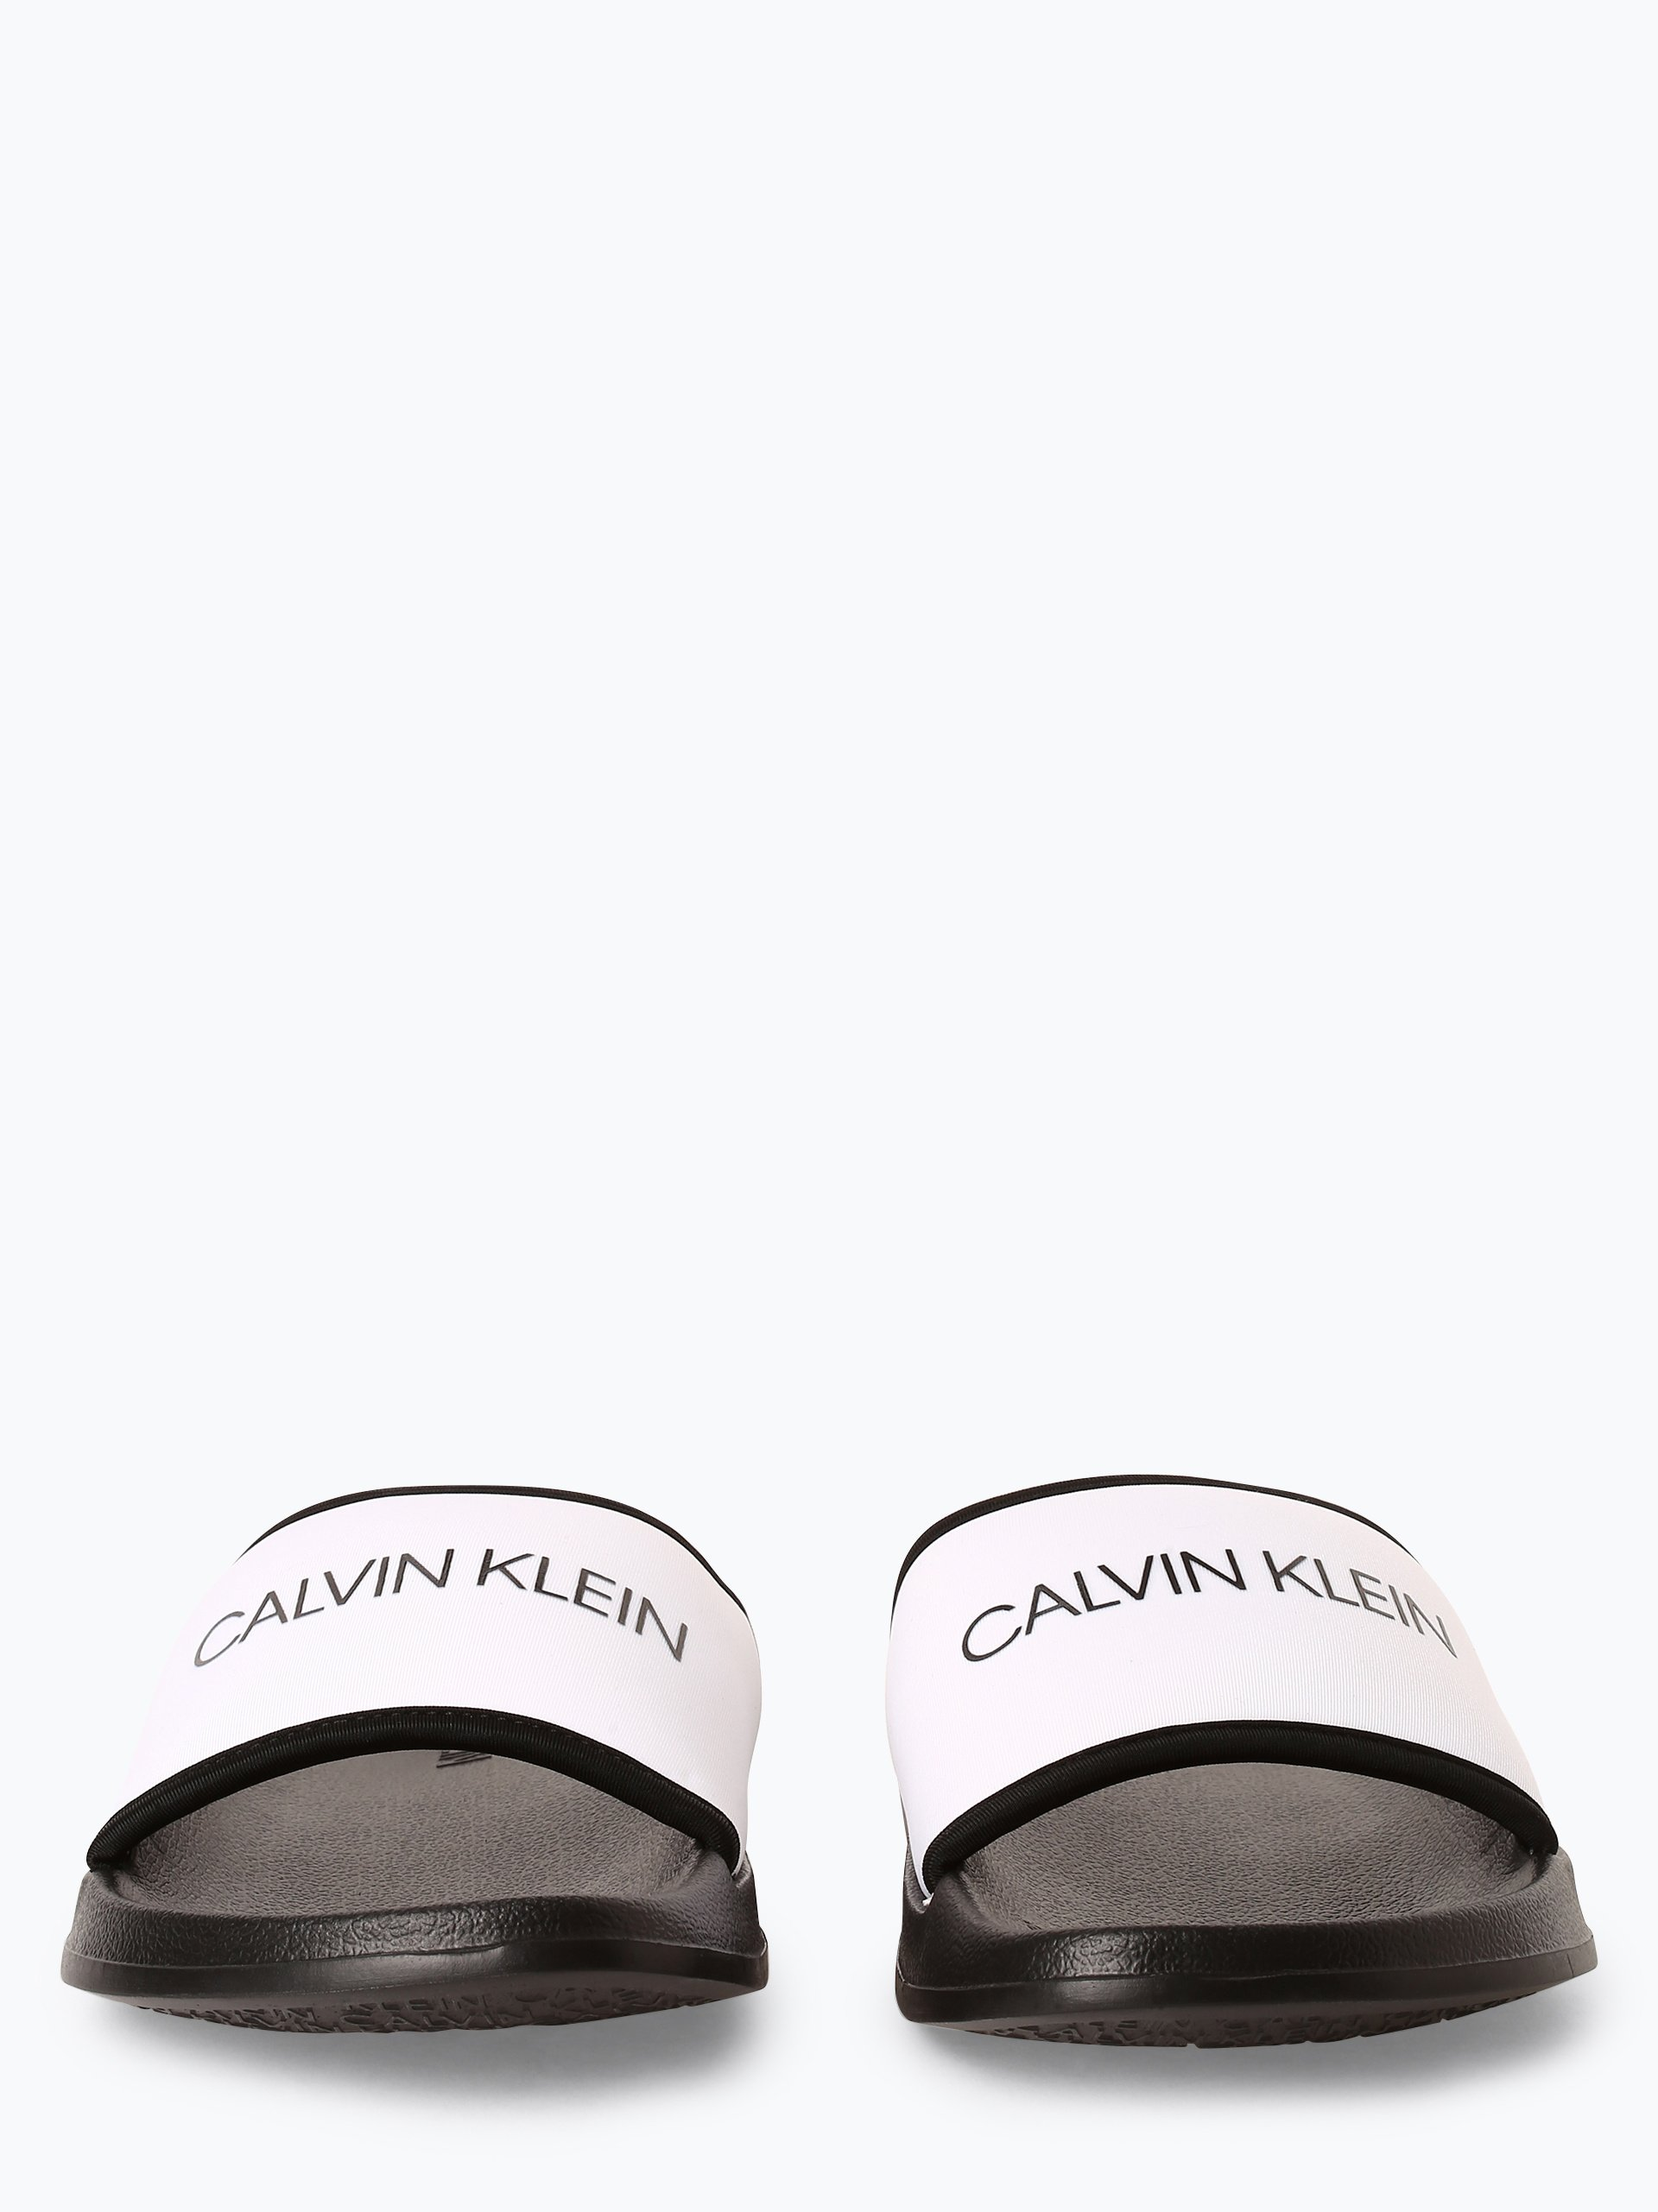 Calvin Klein Męskie pantofle kąpielowe